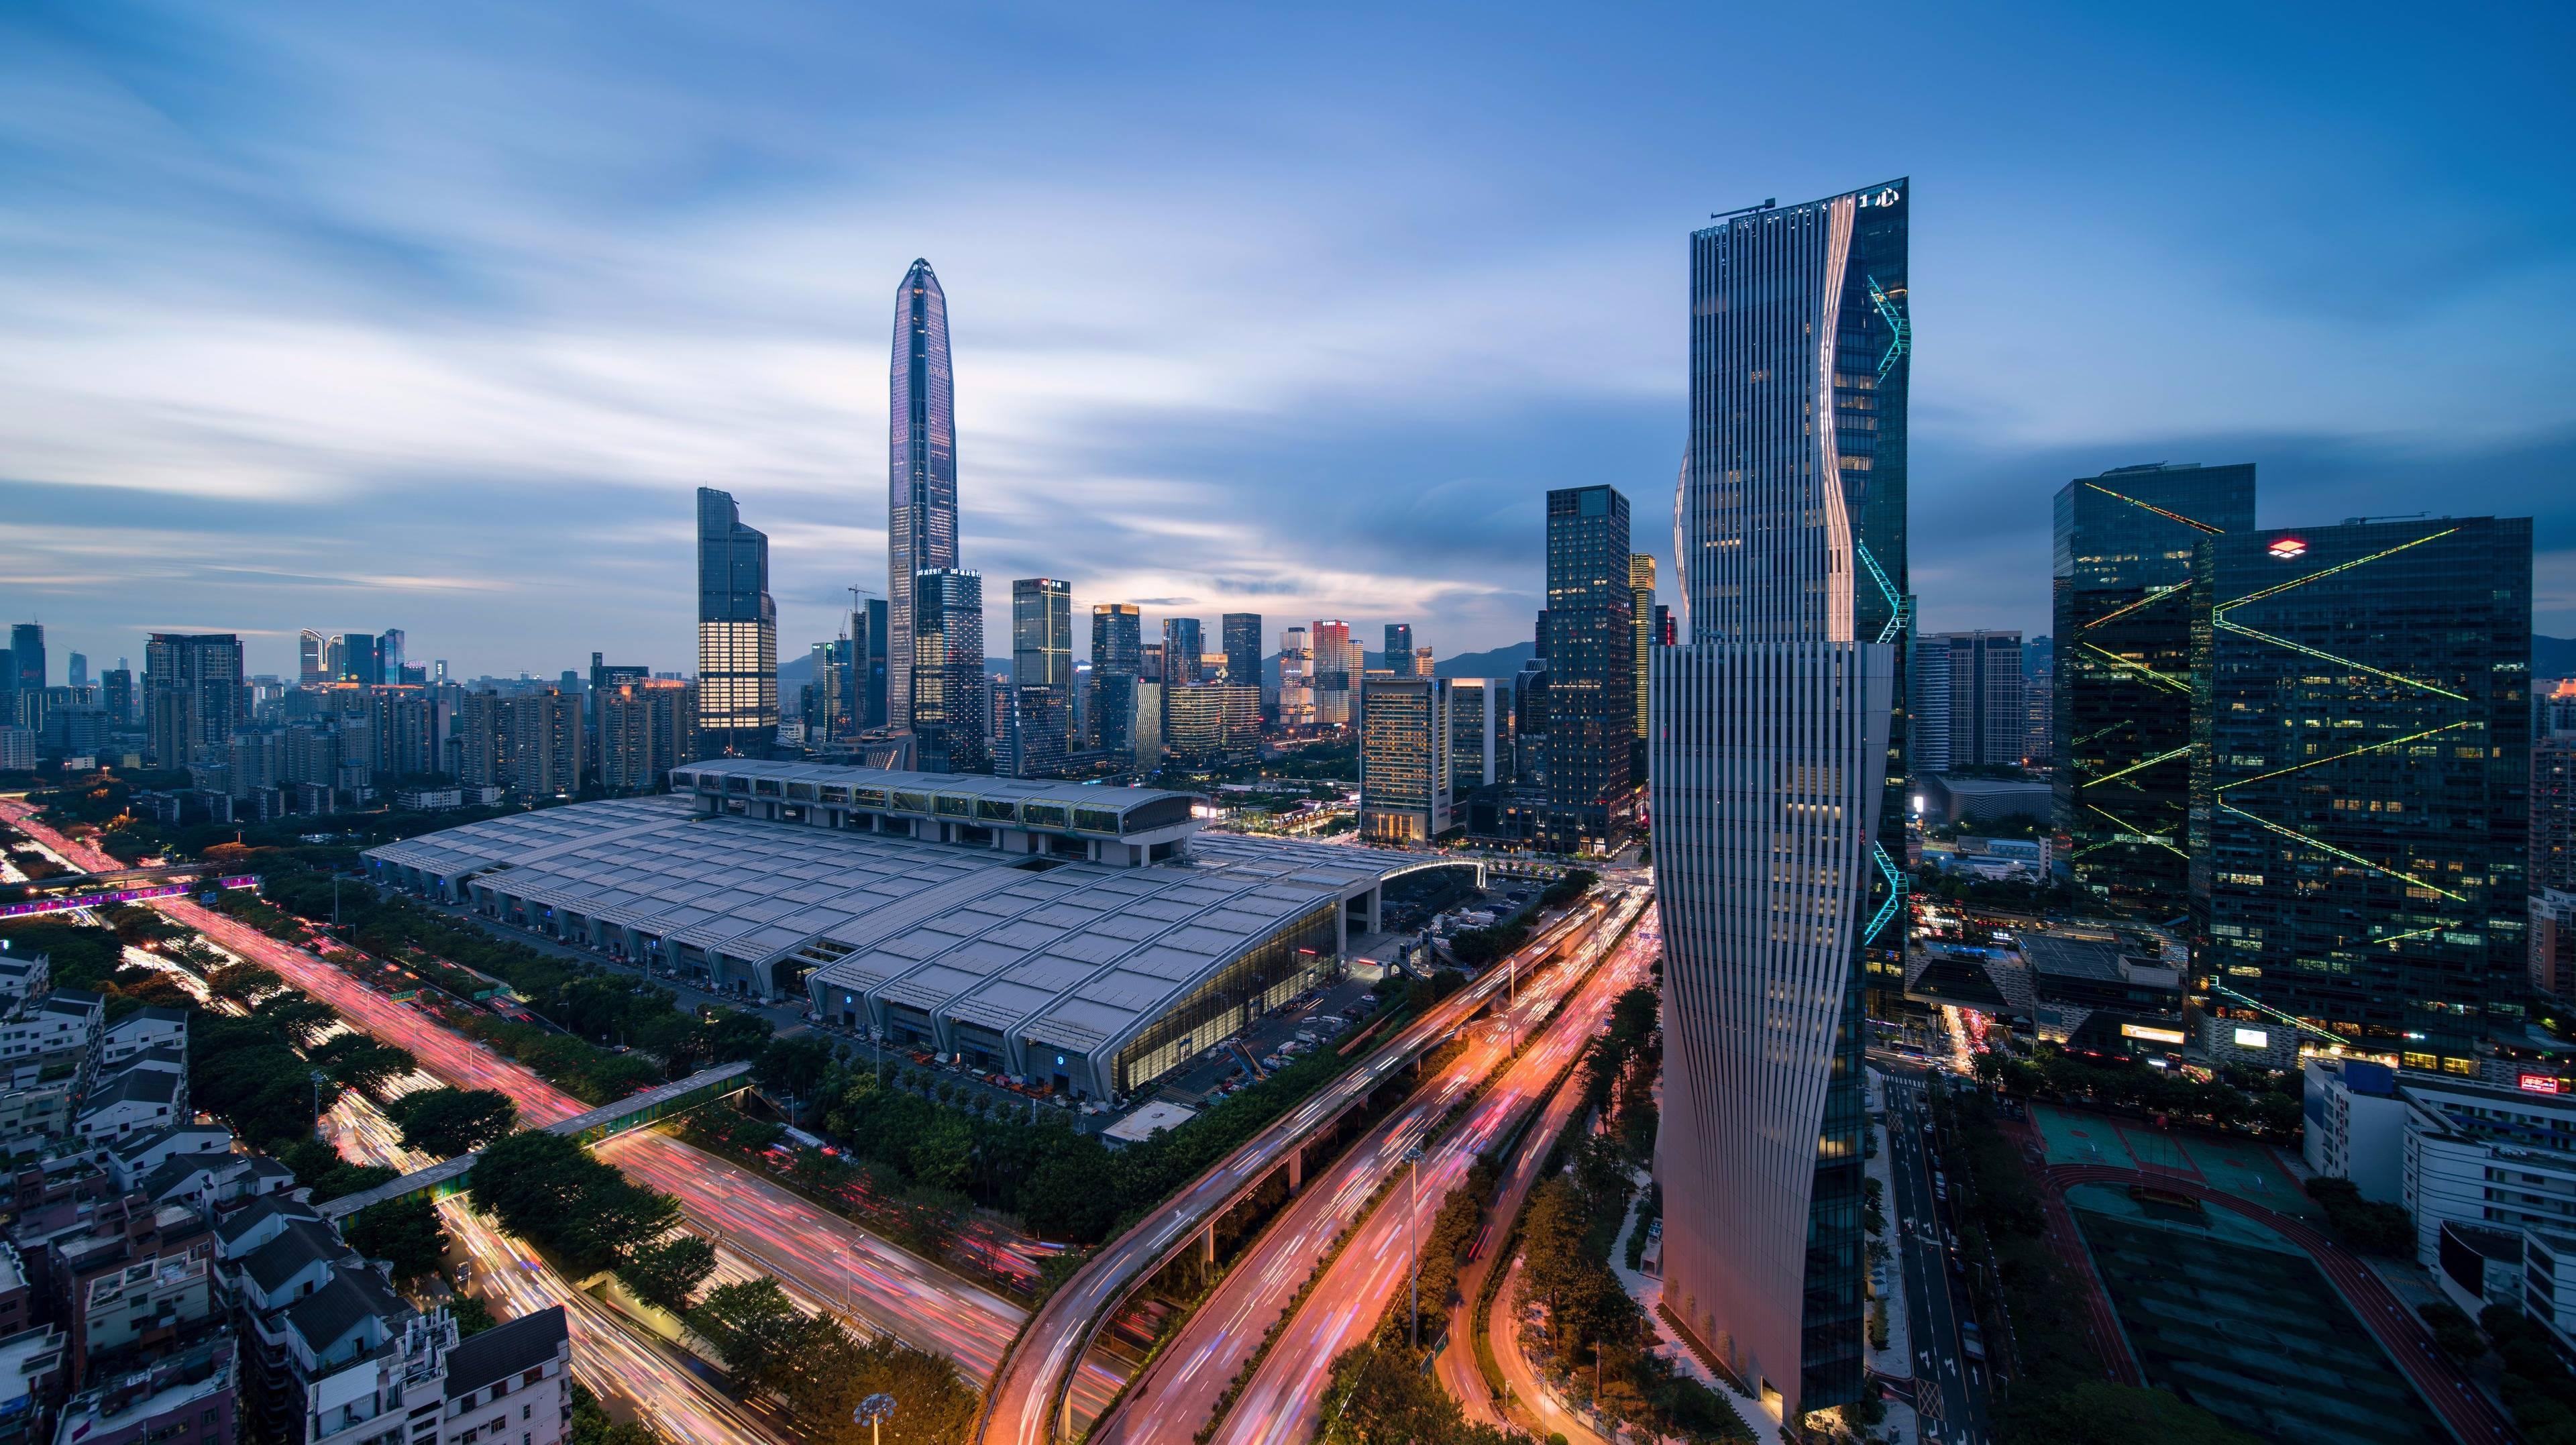 【虎嗅早报】中央支持深圳建设社会主义先行示范区;苹果邀请函曝光,新机或于9月10日发布